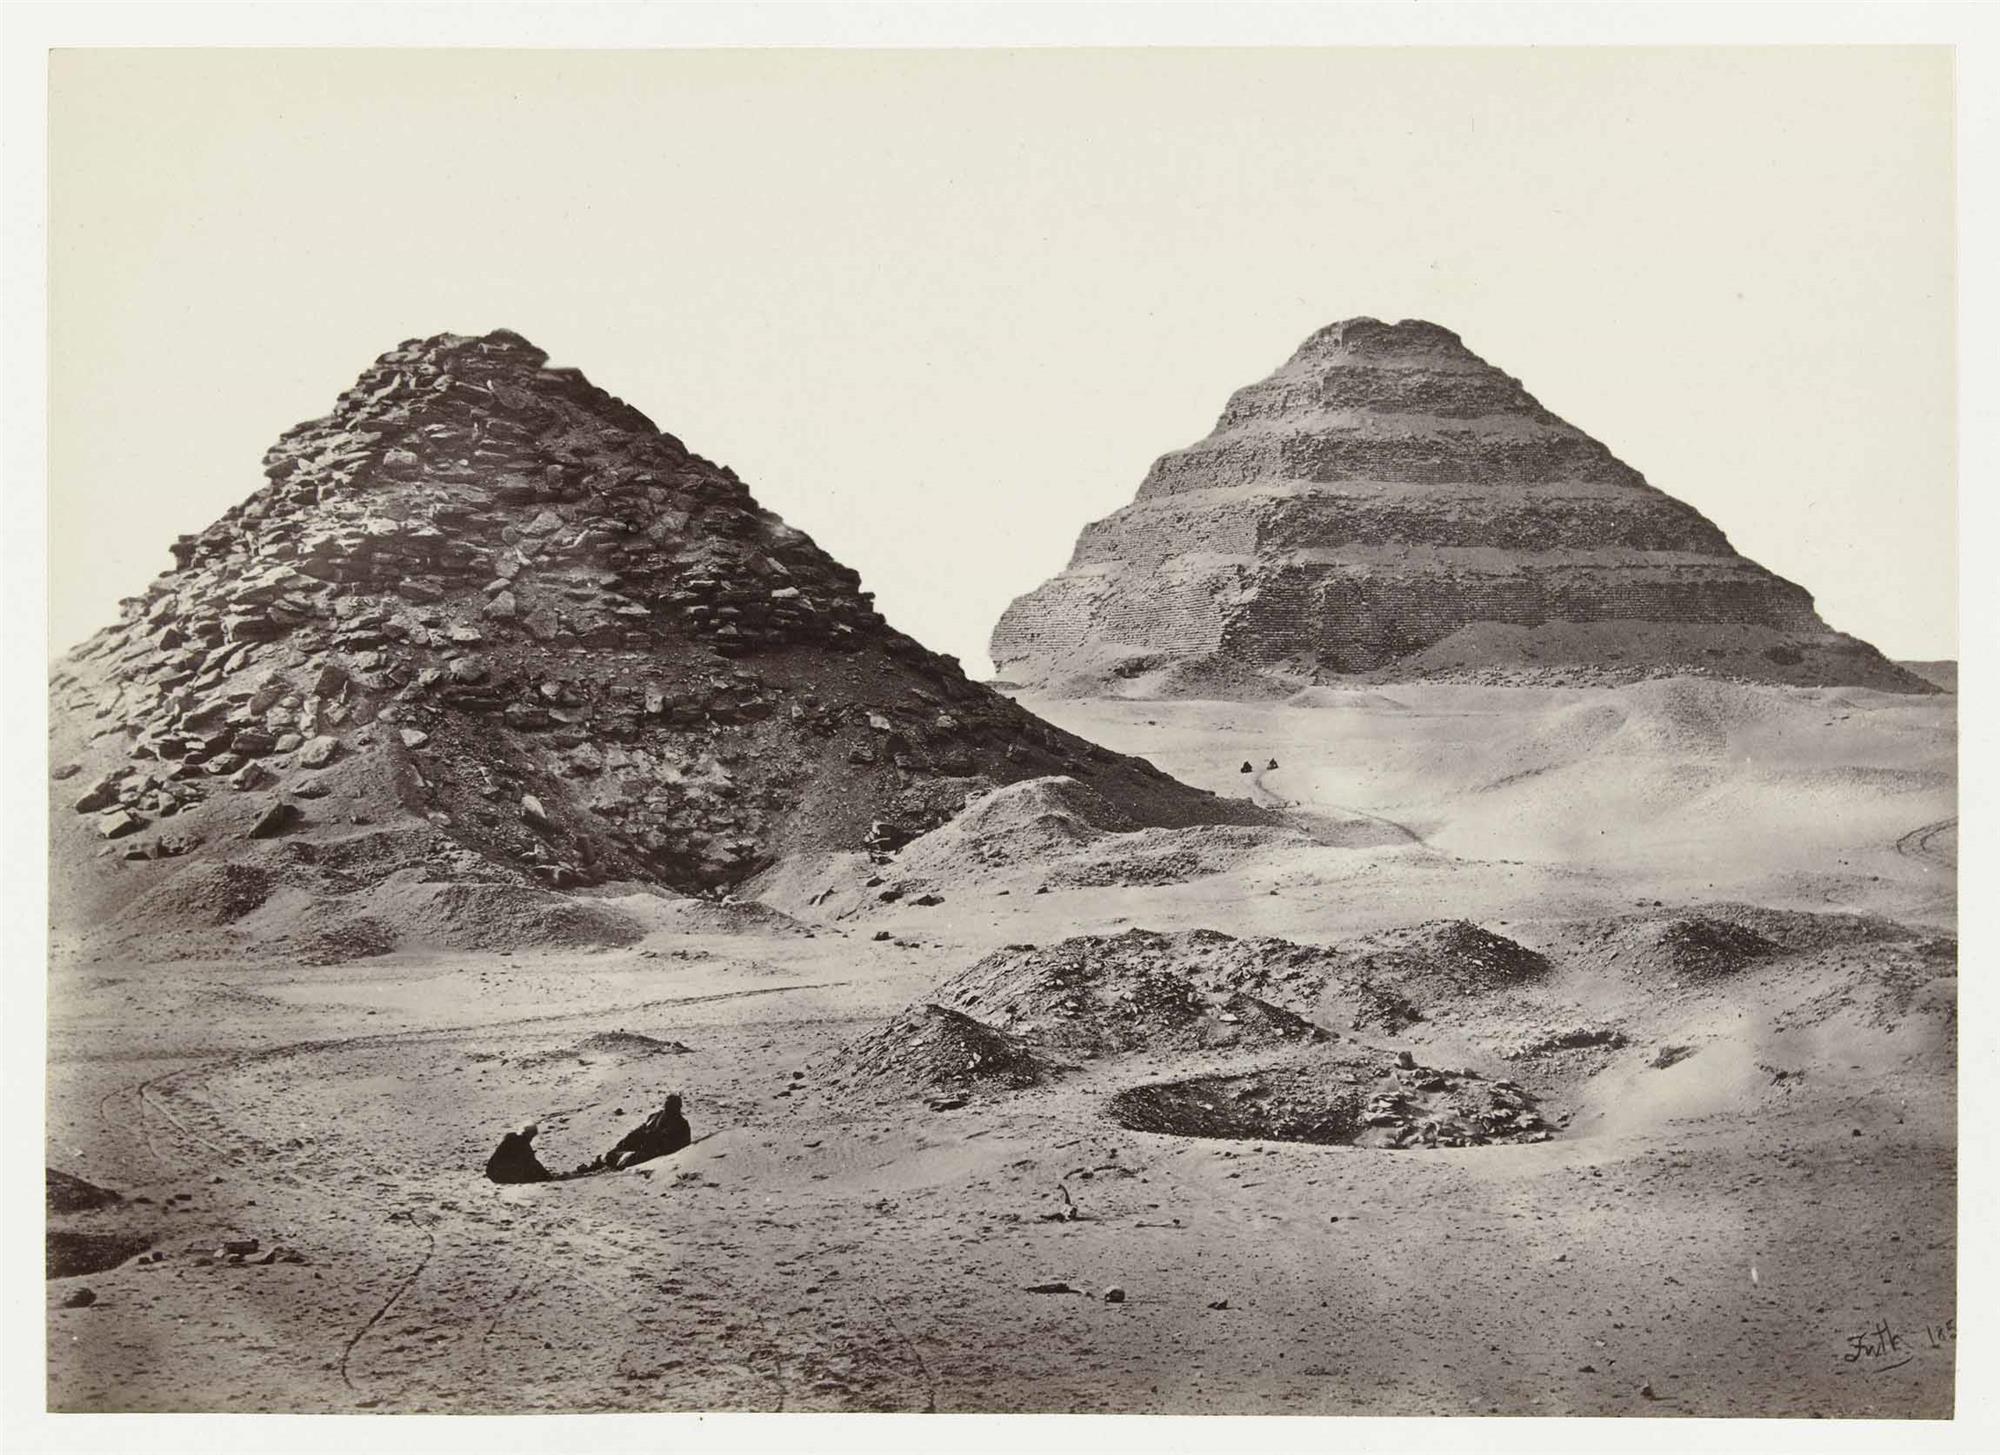 Pirámides de Saqqara